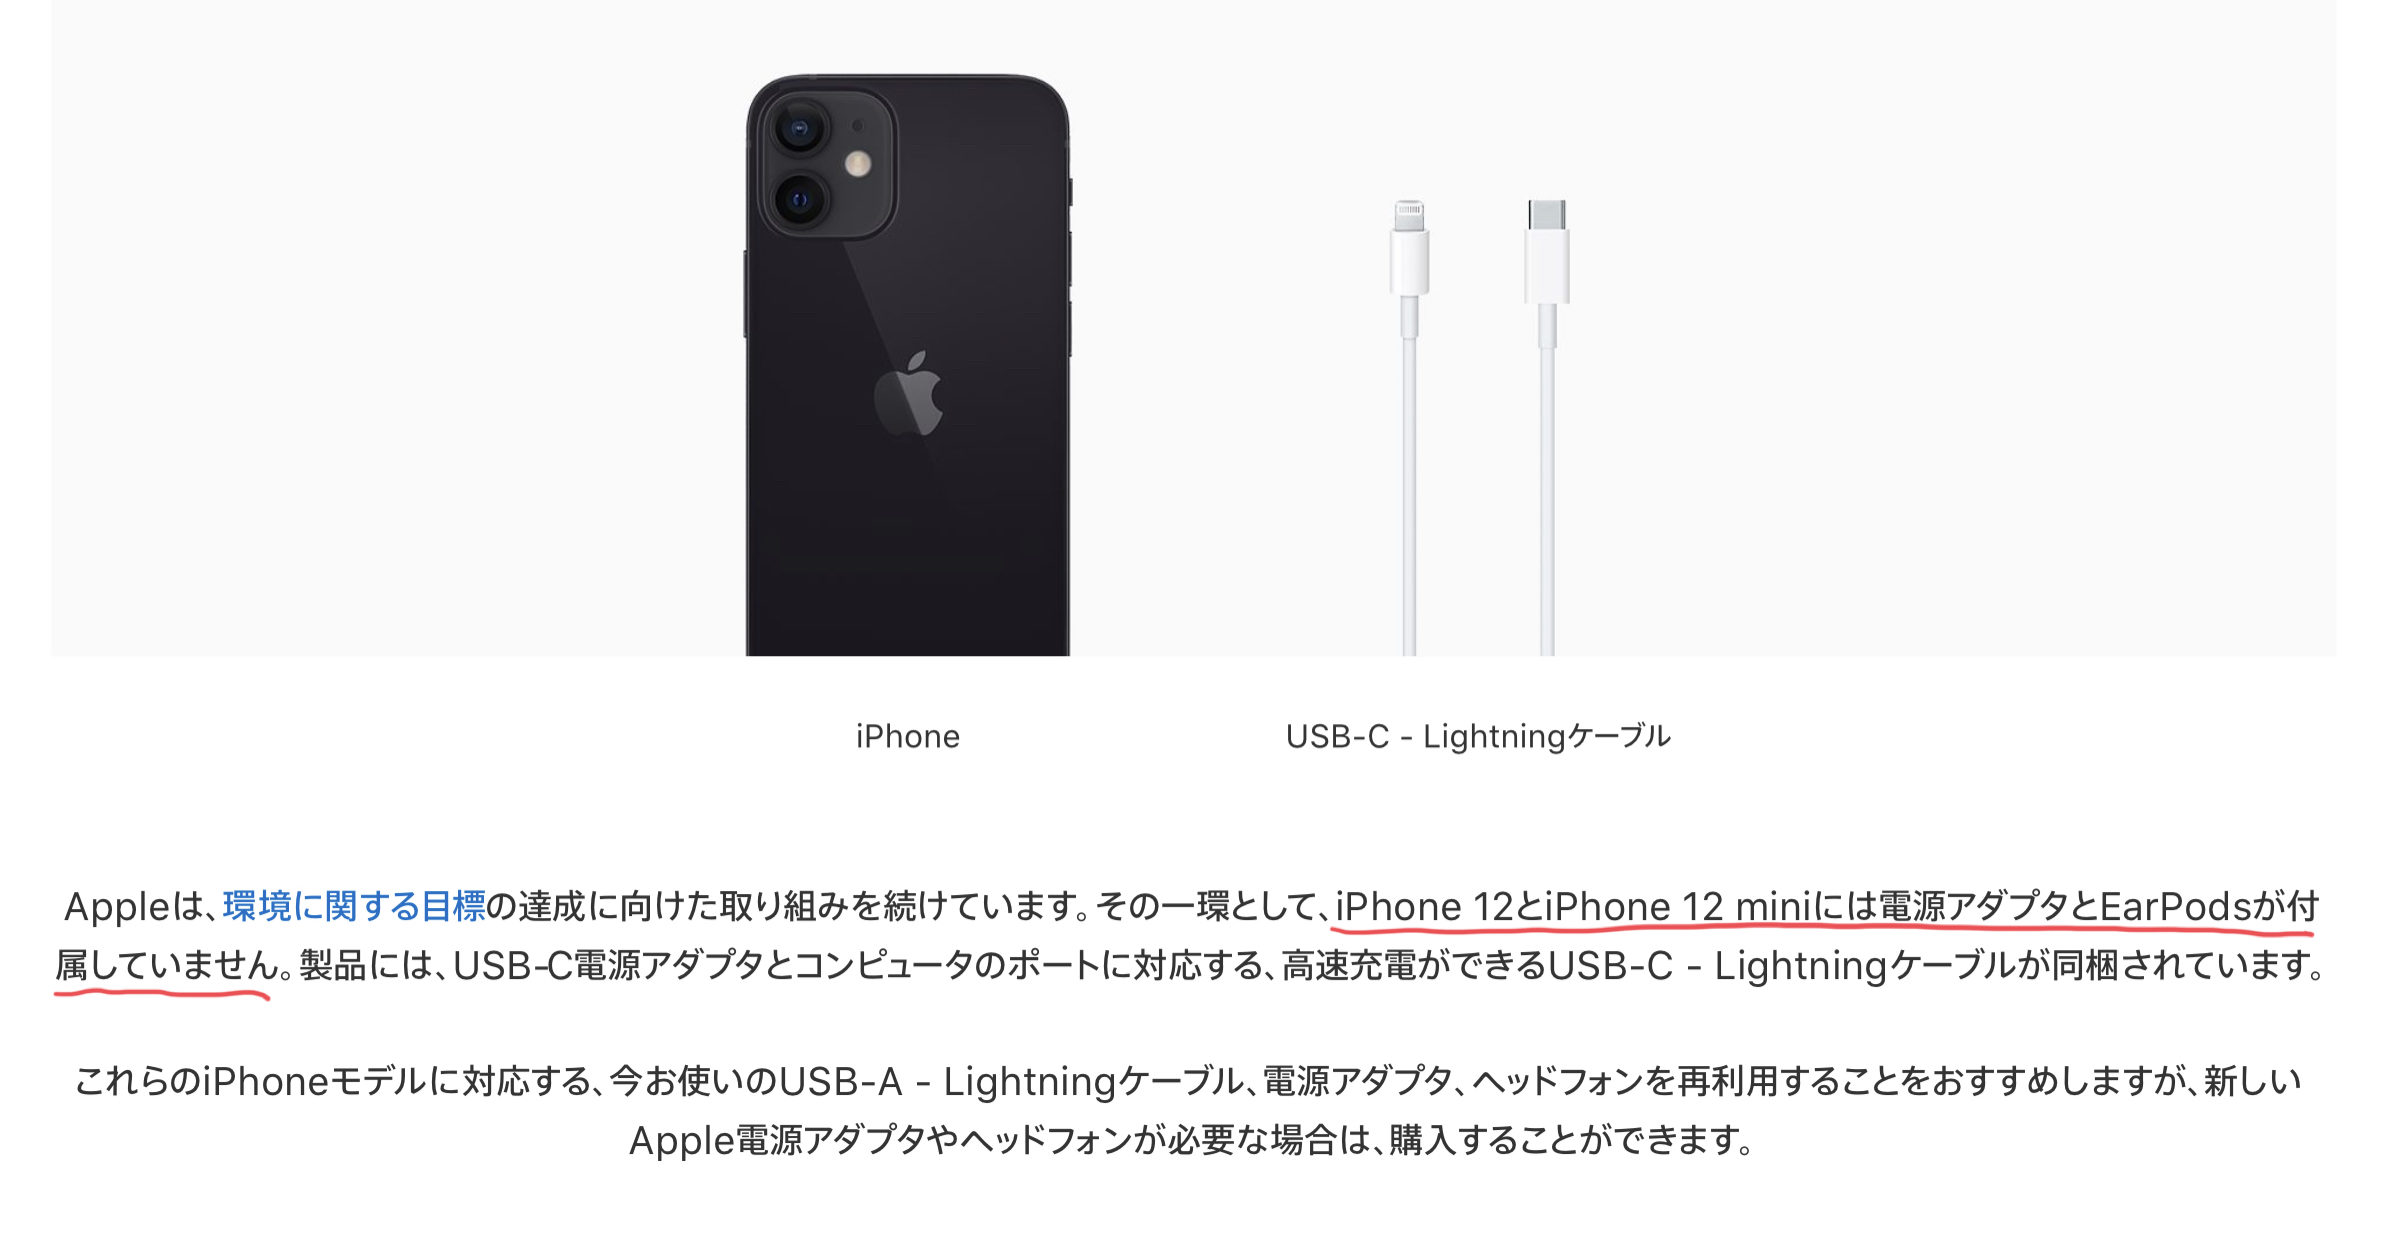 電源アダプタがiPhone 12 miniには付属していない